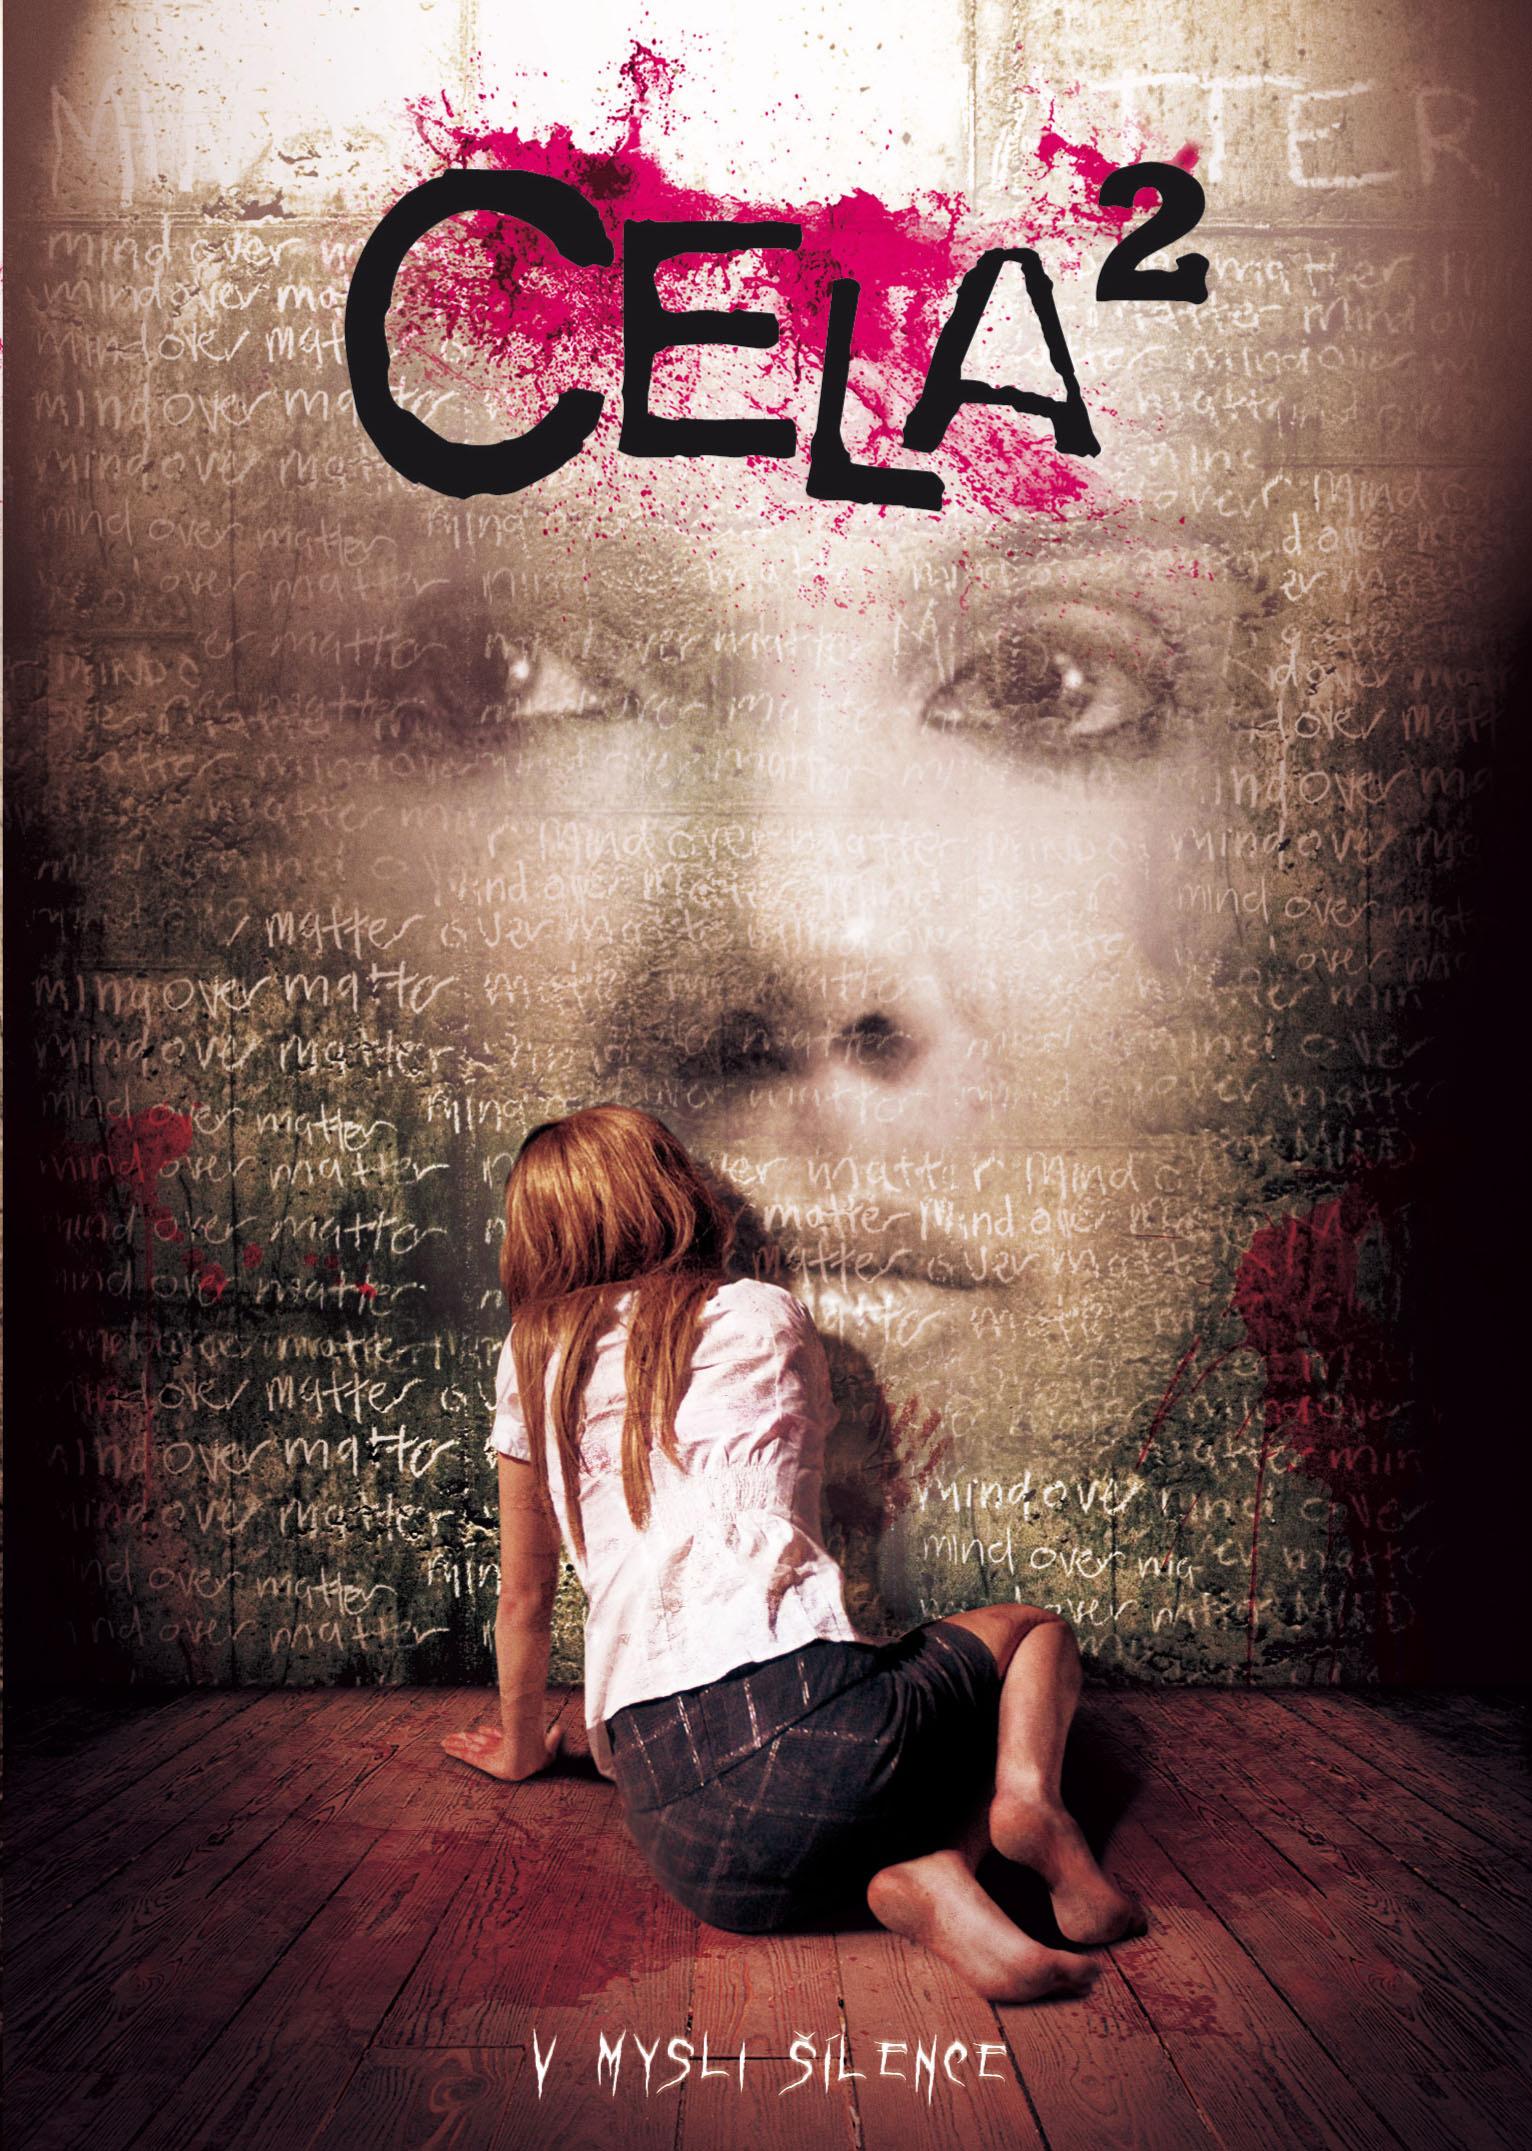 Film Cela 2 ke stažení - Film Cela 2 download